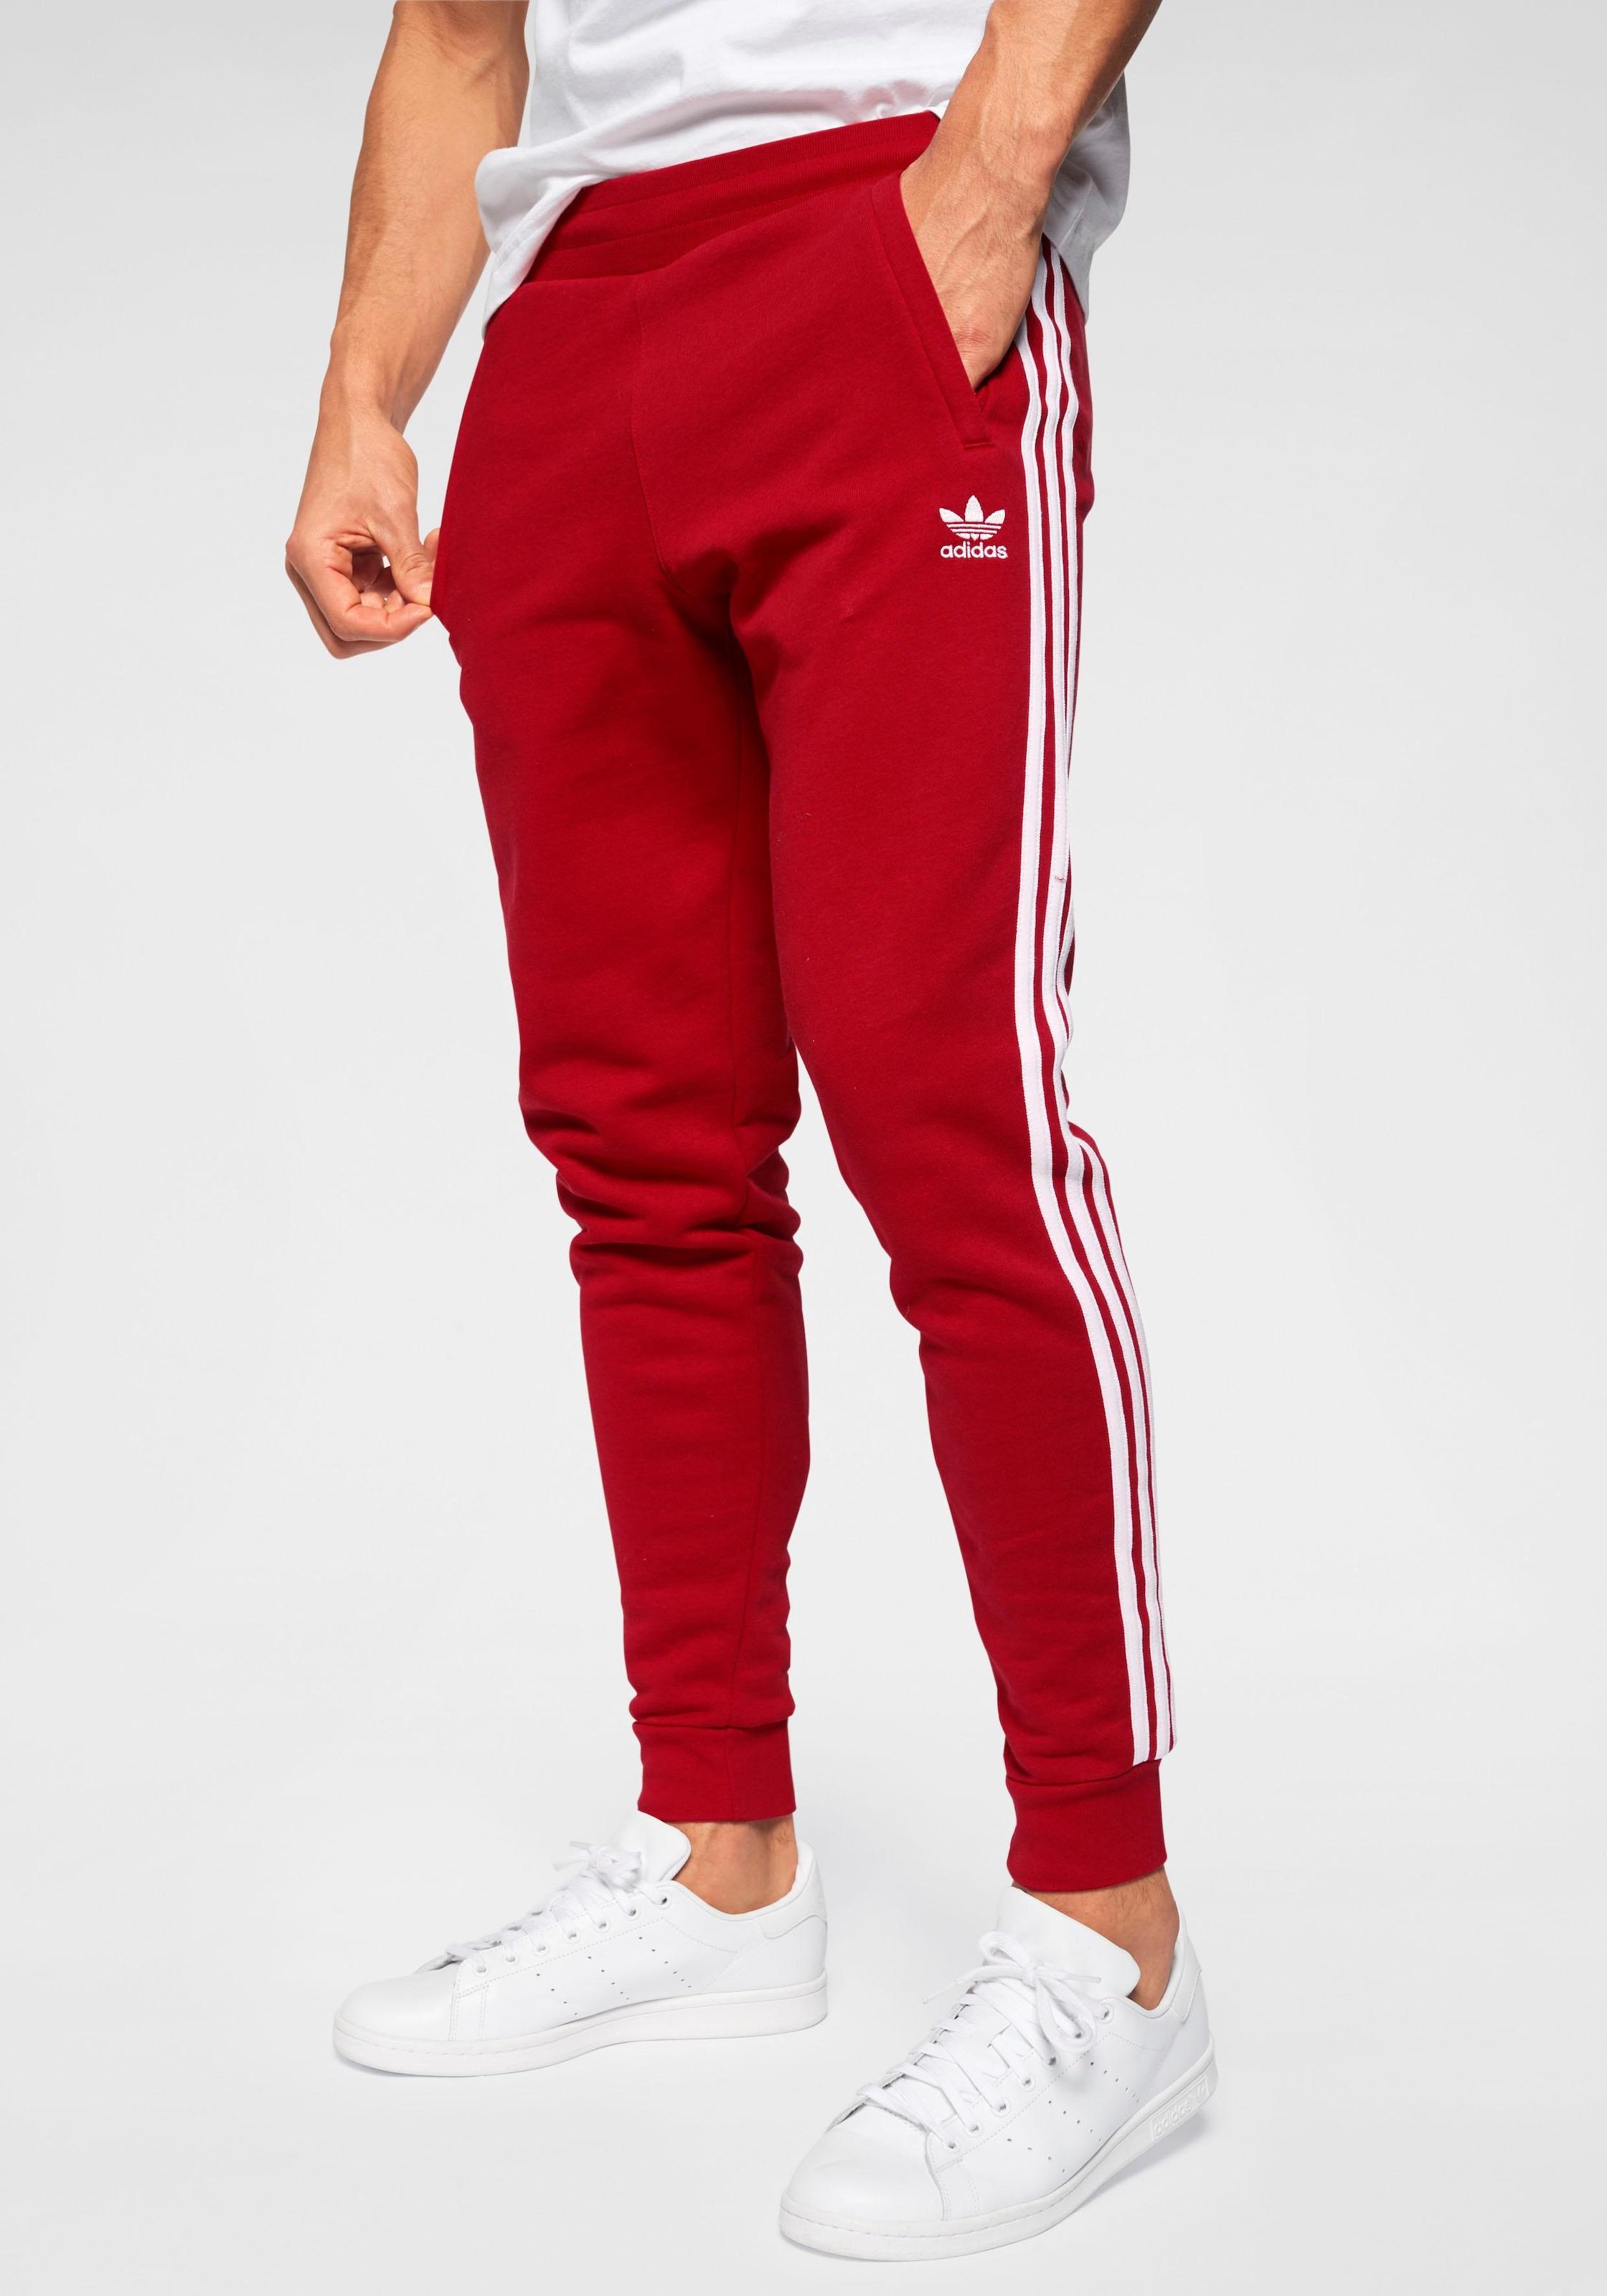 adidas Originals Jogginghose »3 STRIPES PANT«